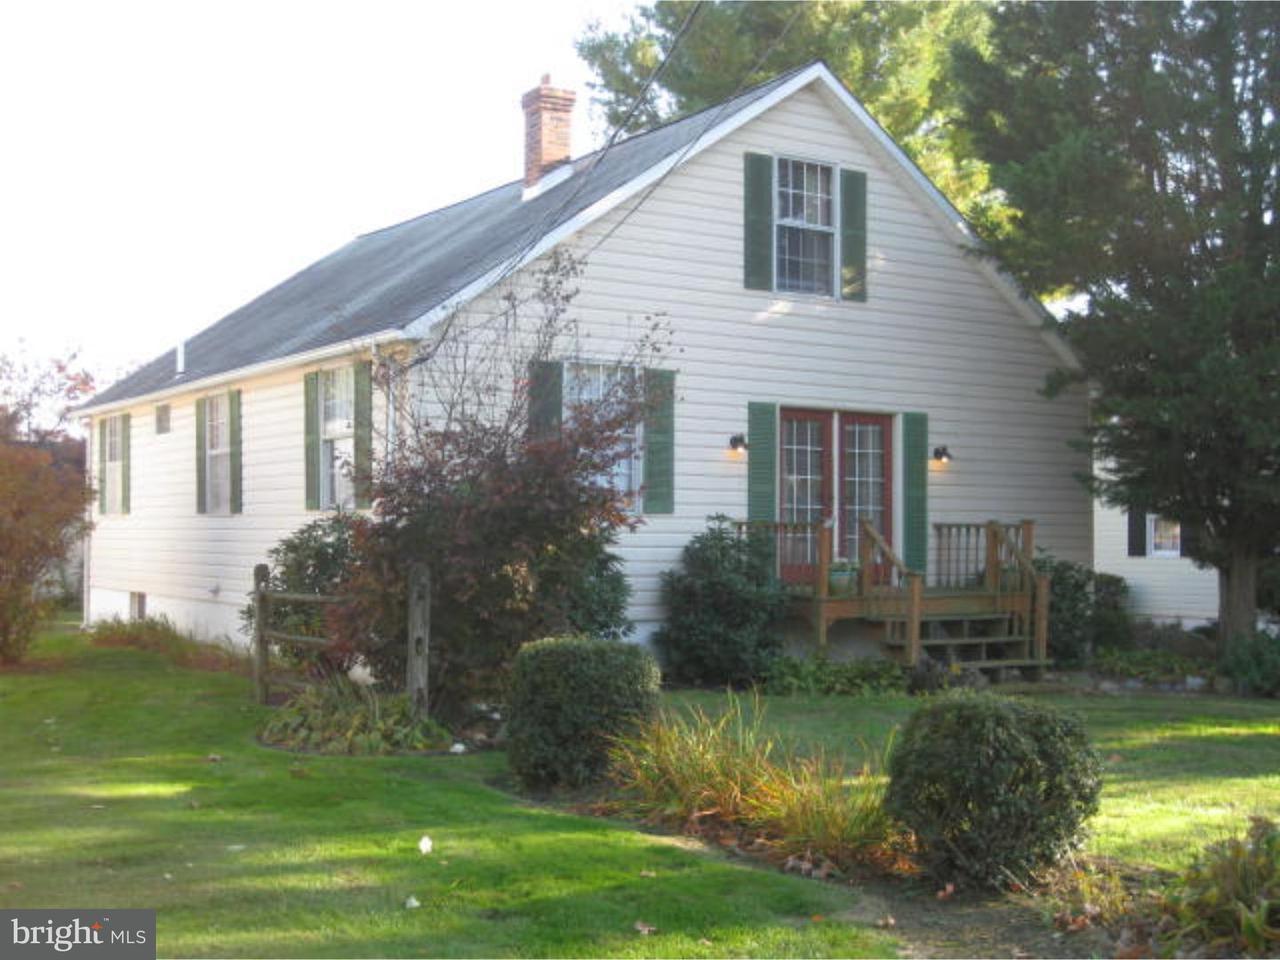 Частный односемейный дом для того Продажа на 2600 EBRIGHT Road Wilmington, Делавэр 19810 Соединенные Штаты